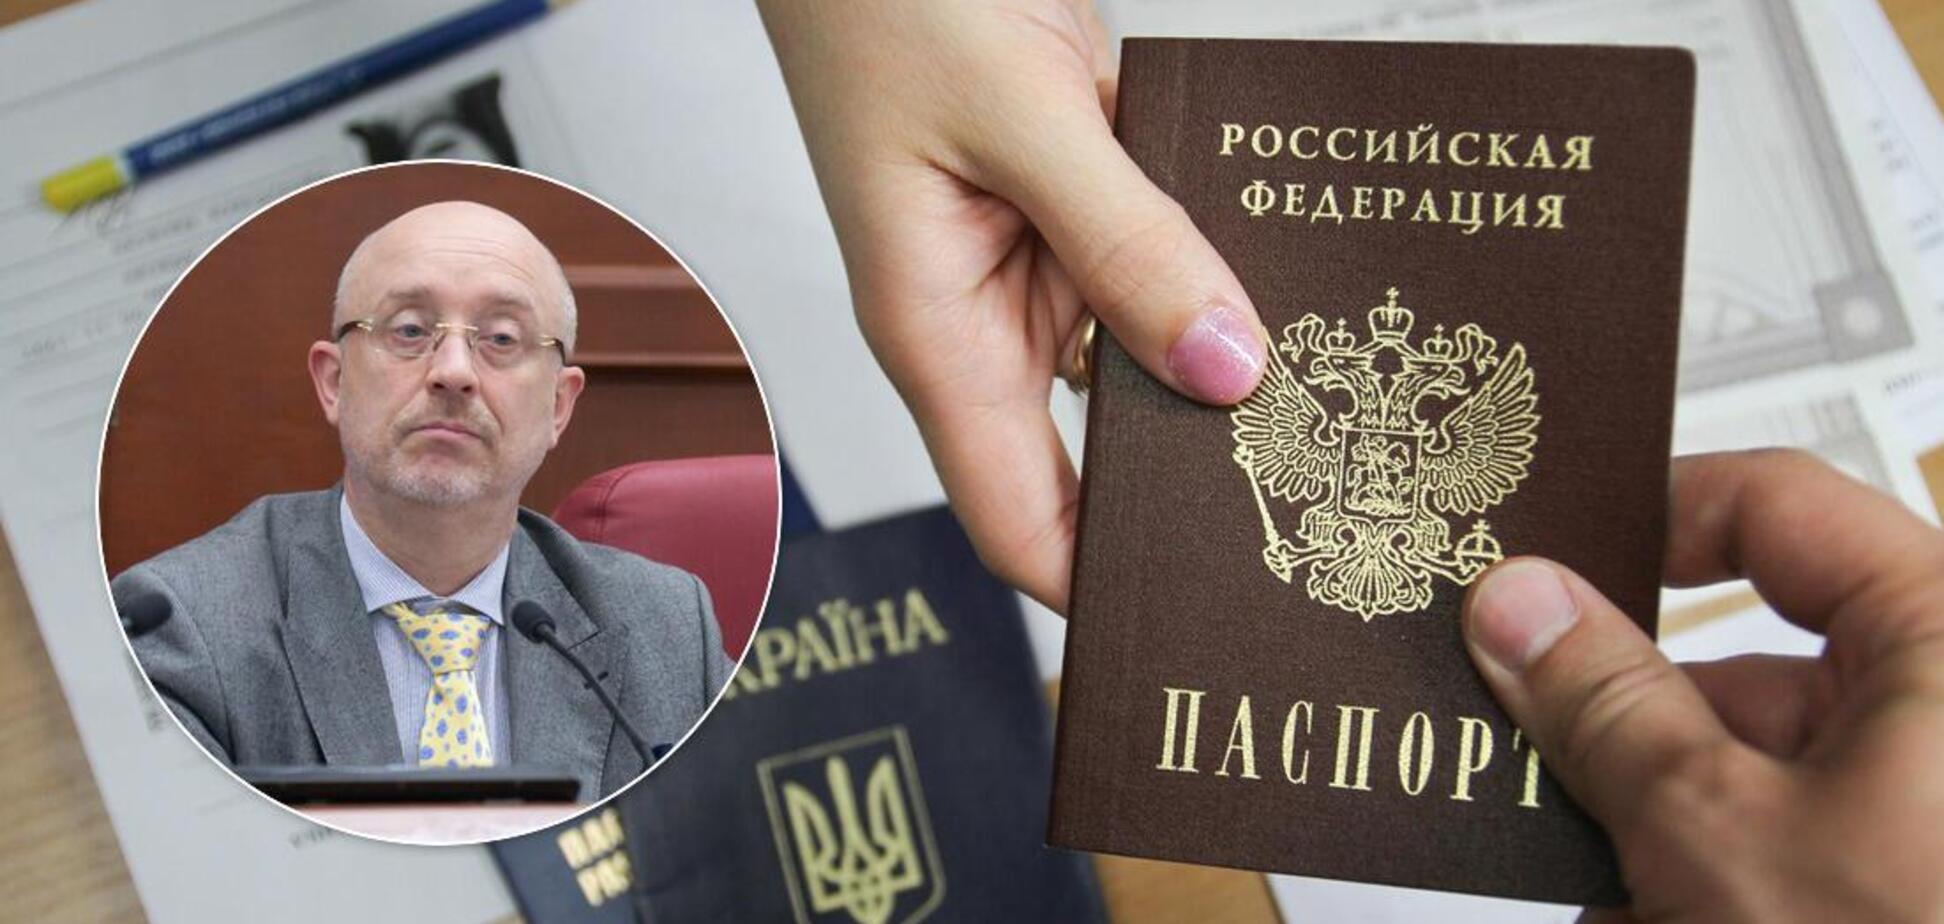 До жителів ОРДЛО і Криму з російськими паспортами претензій немає, – Резніков